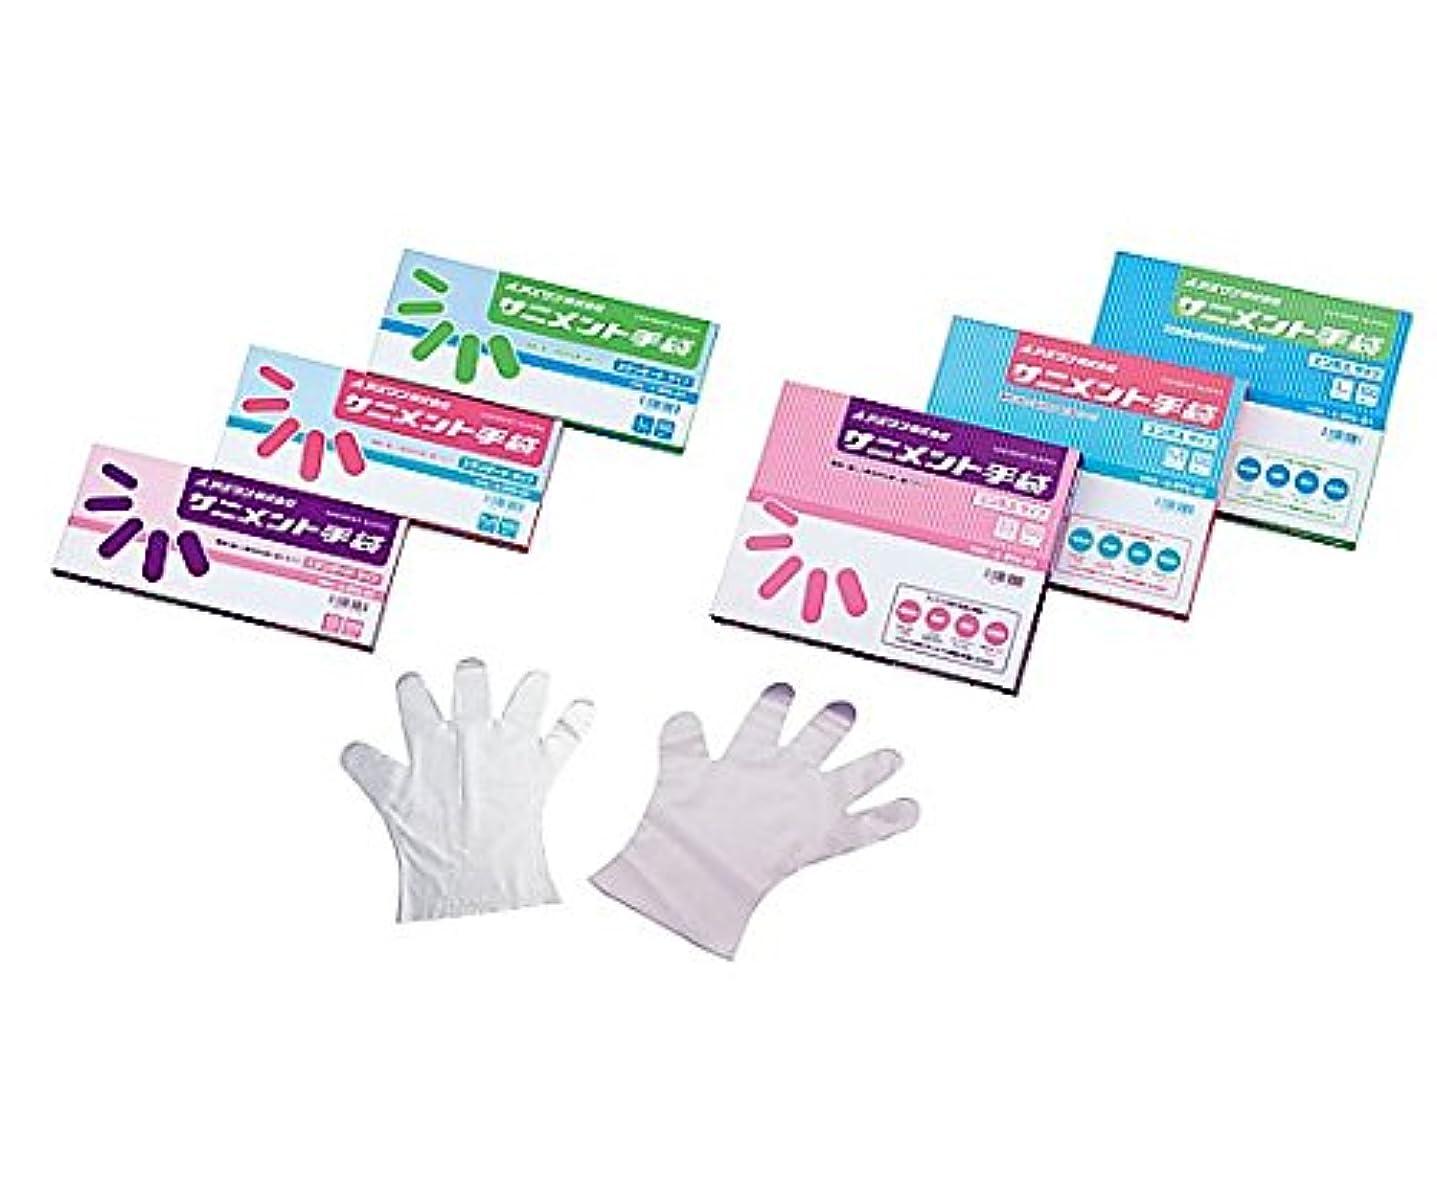 株式会社懺悔乱すアズワン9-888-03ラボランサニメント手袋(PE?厚手タイプ)スタンダードS10箱+1箱